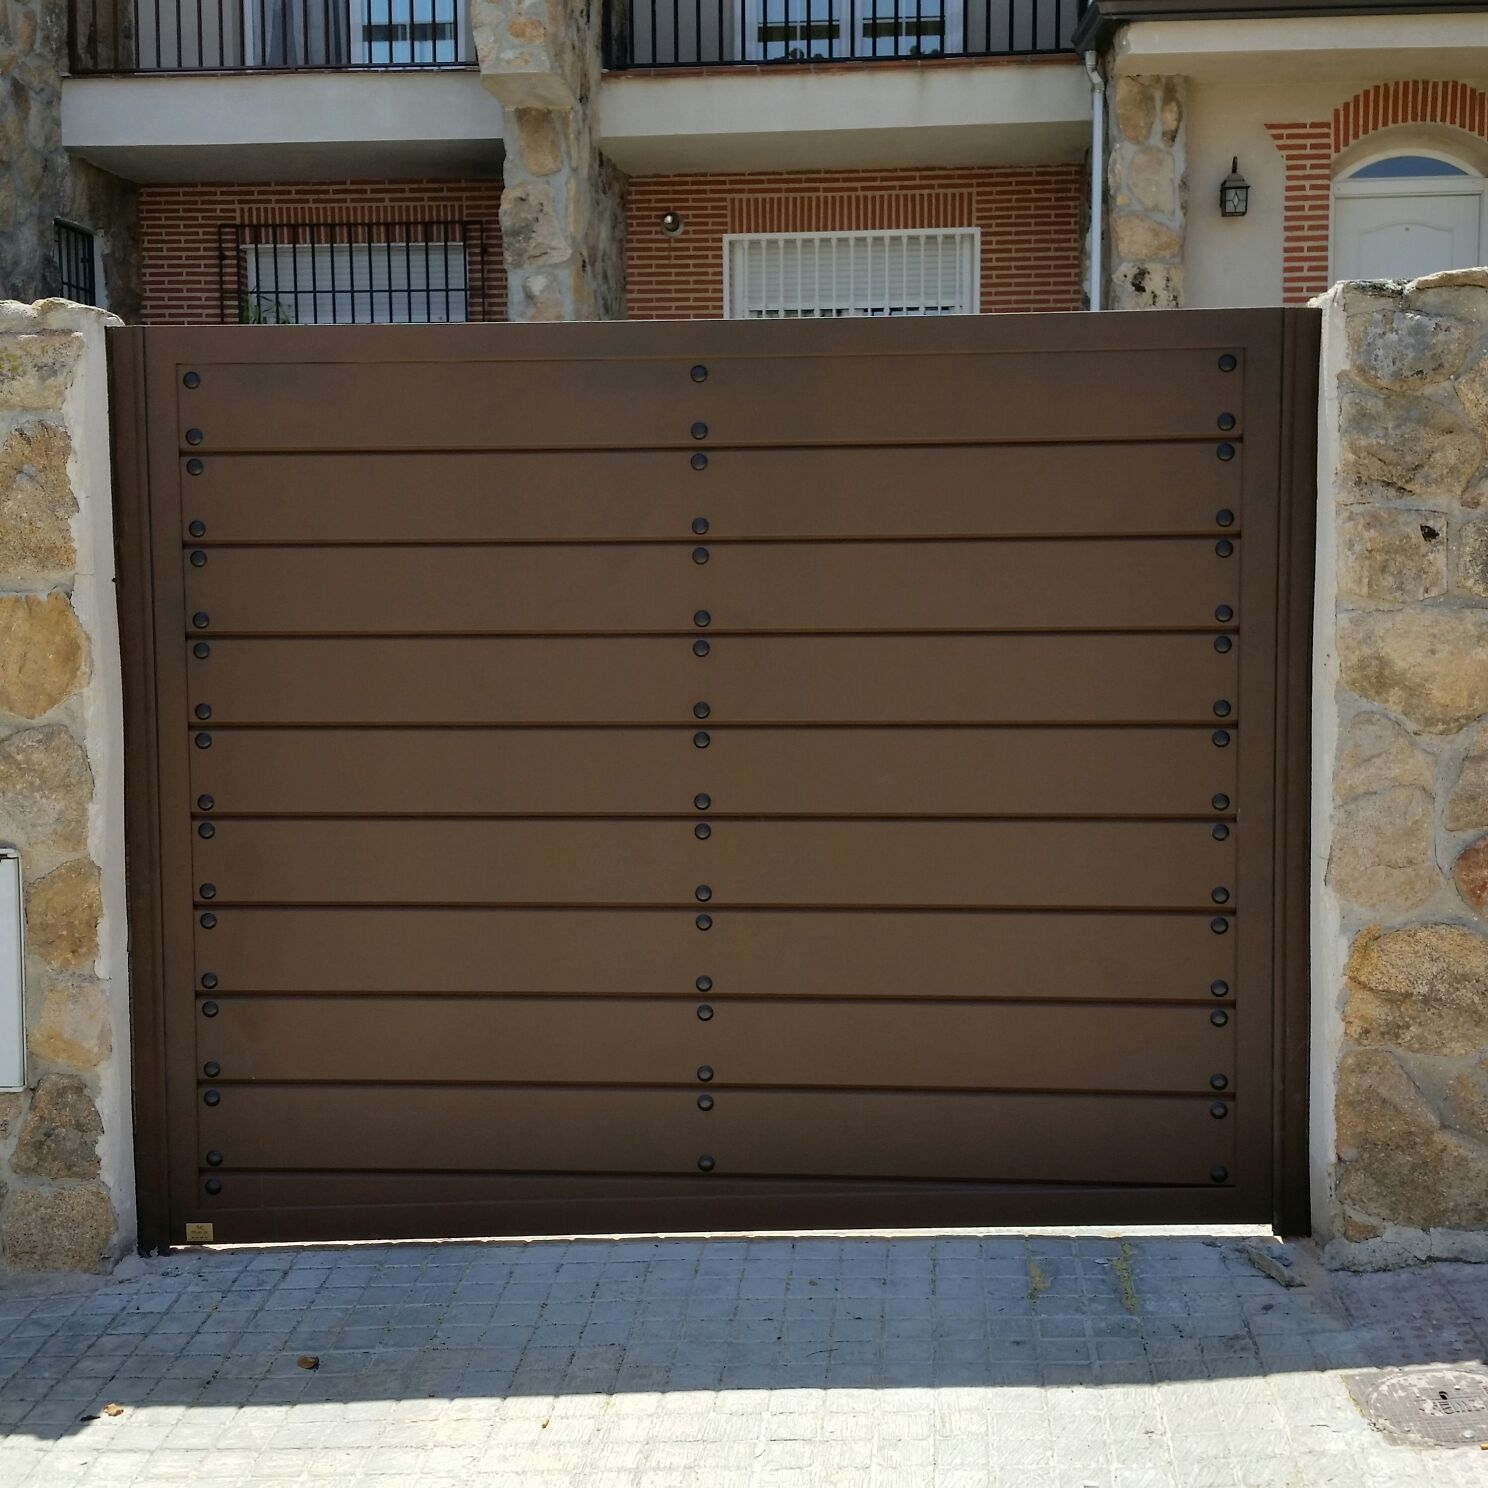 Puertas de aluminio para exterior modelo navalcarnero for Puertas corredizas aluminio para exterior